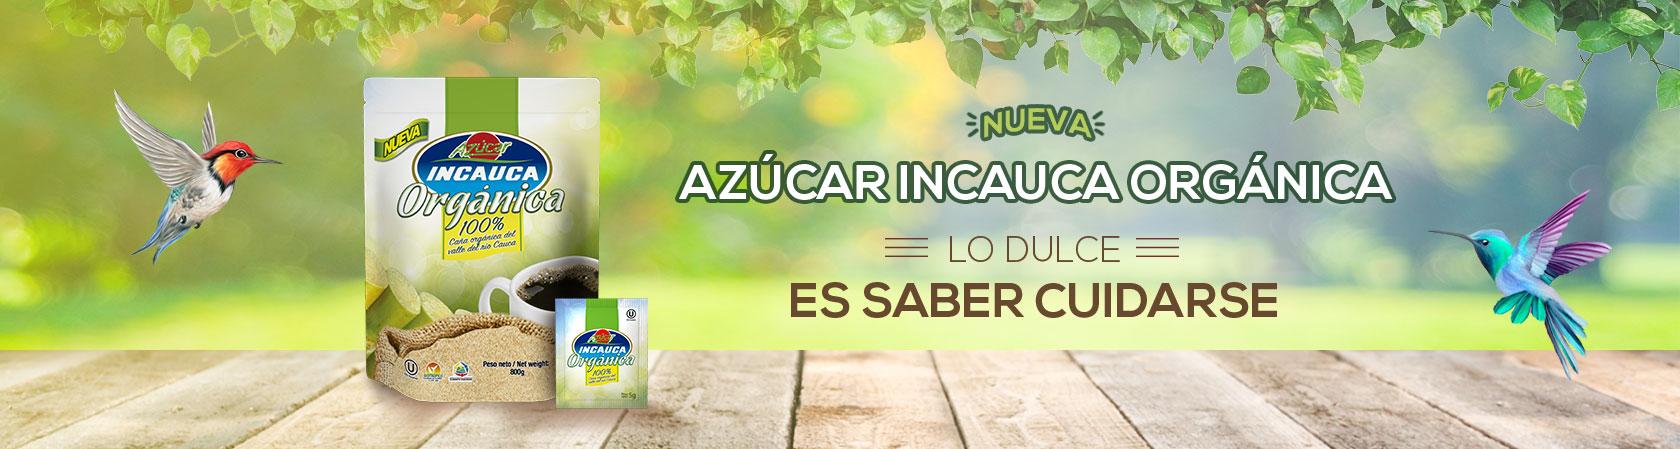 azucar-incauca-organica_nuestros-producto_consumo_noviembre2017_en